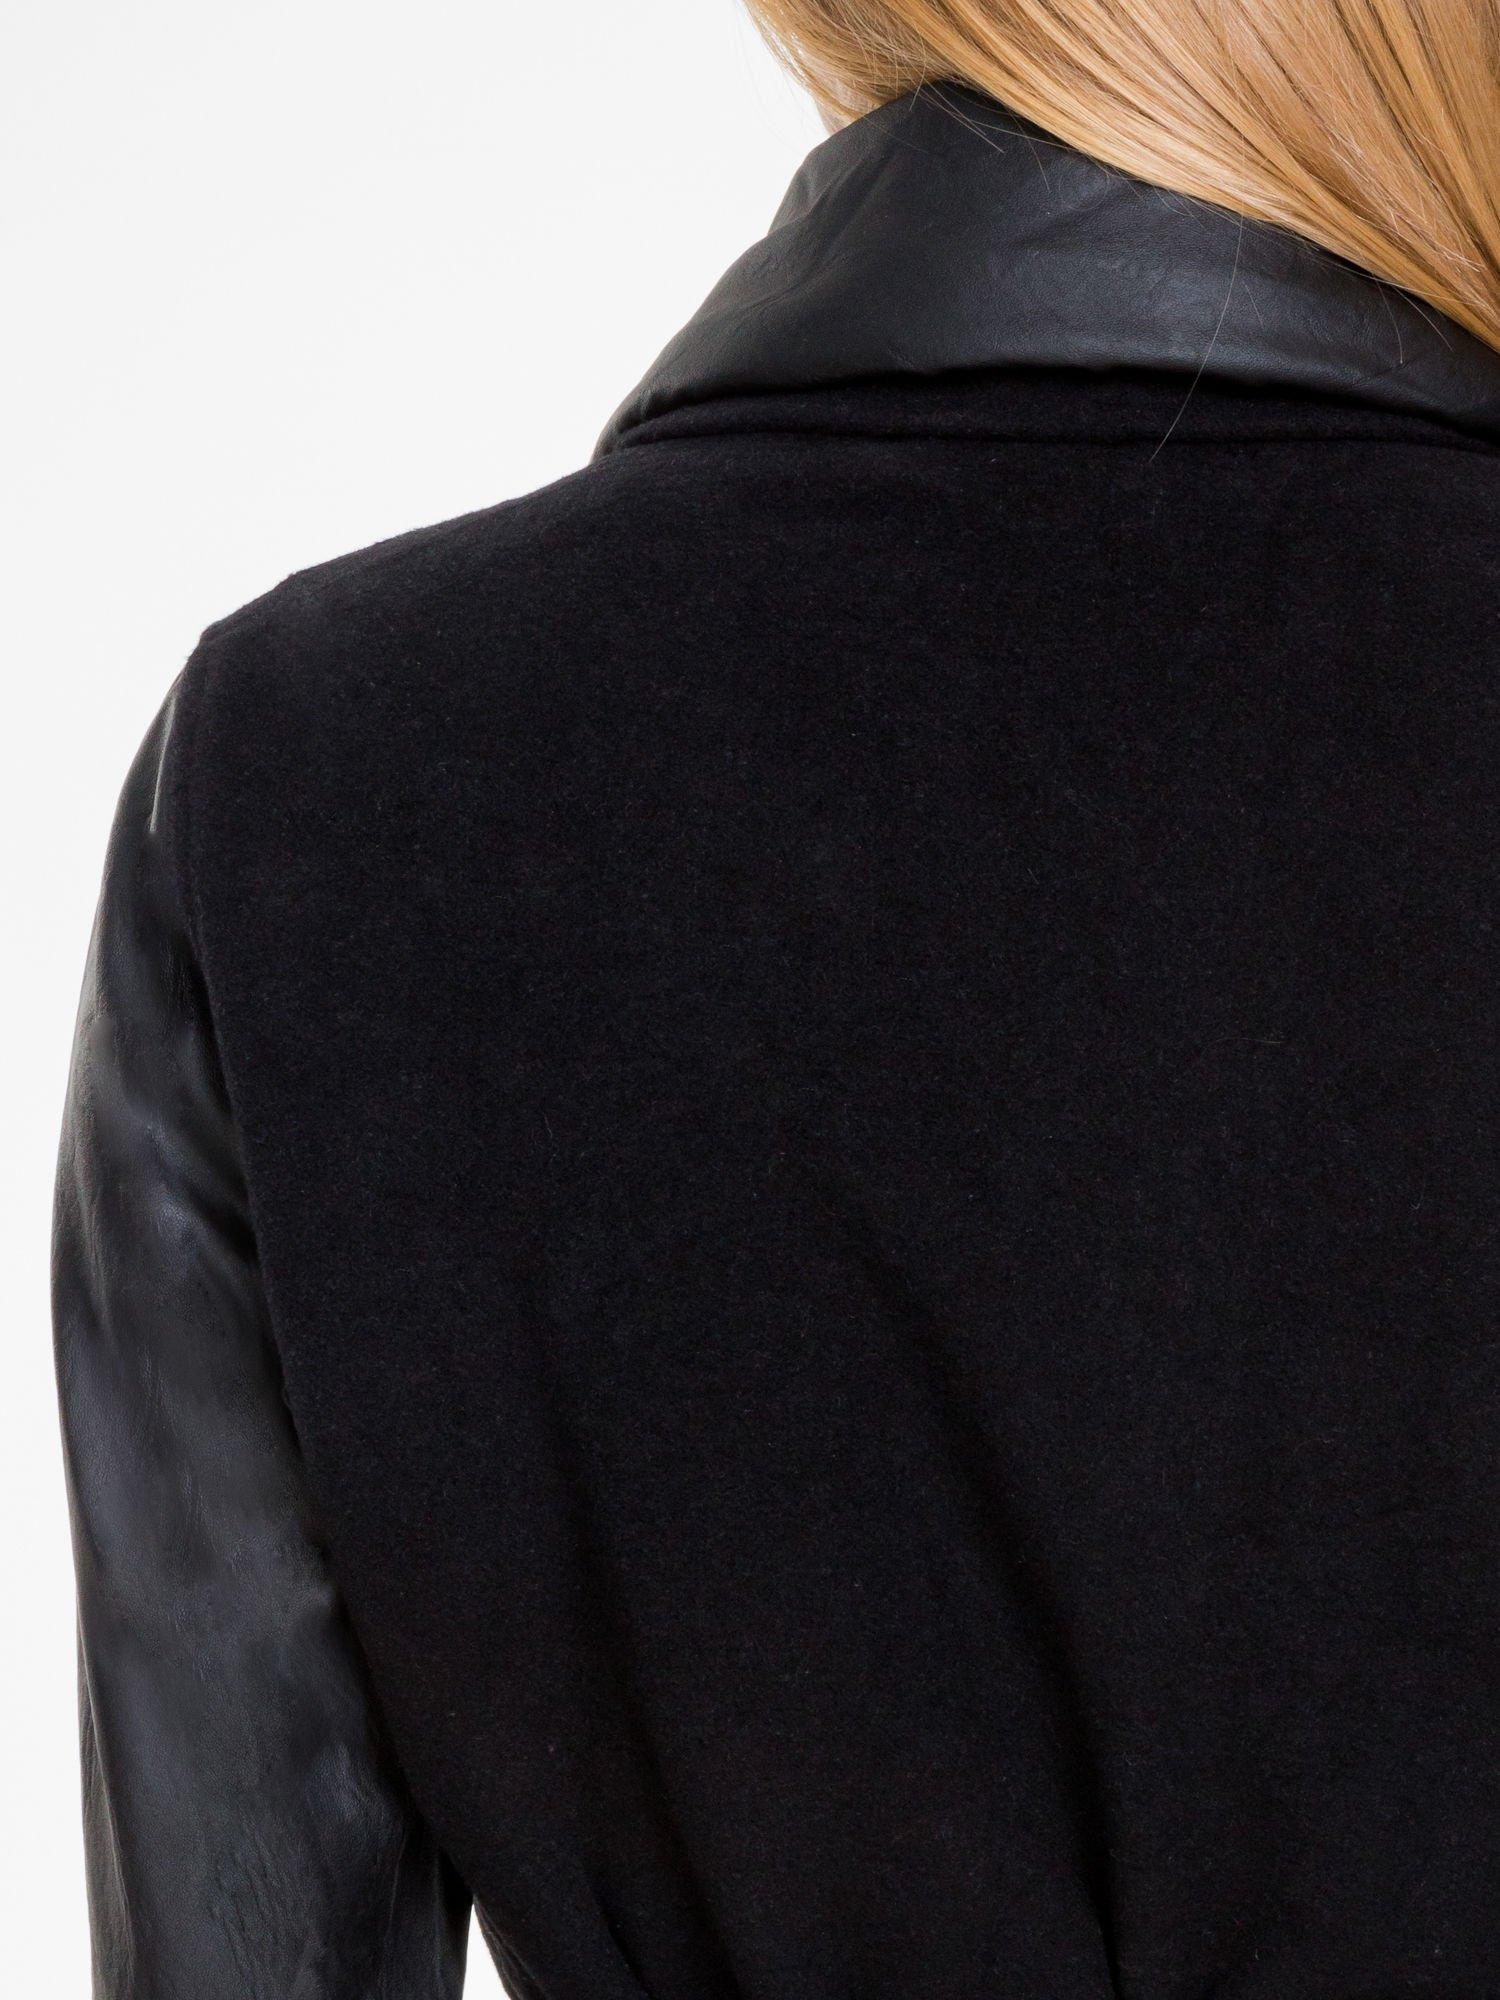 Czarny wełniany płaszcz ze skórzanymi rękawami                                  zdj.                                  5